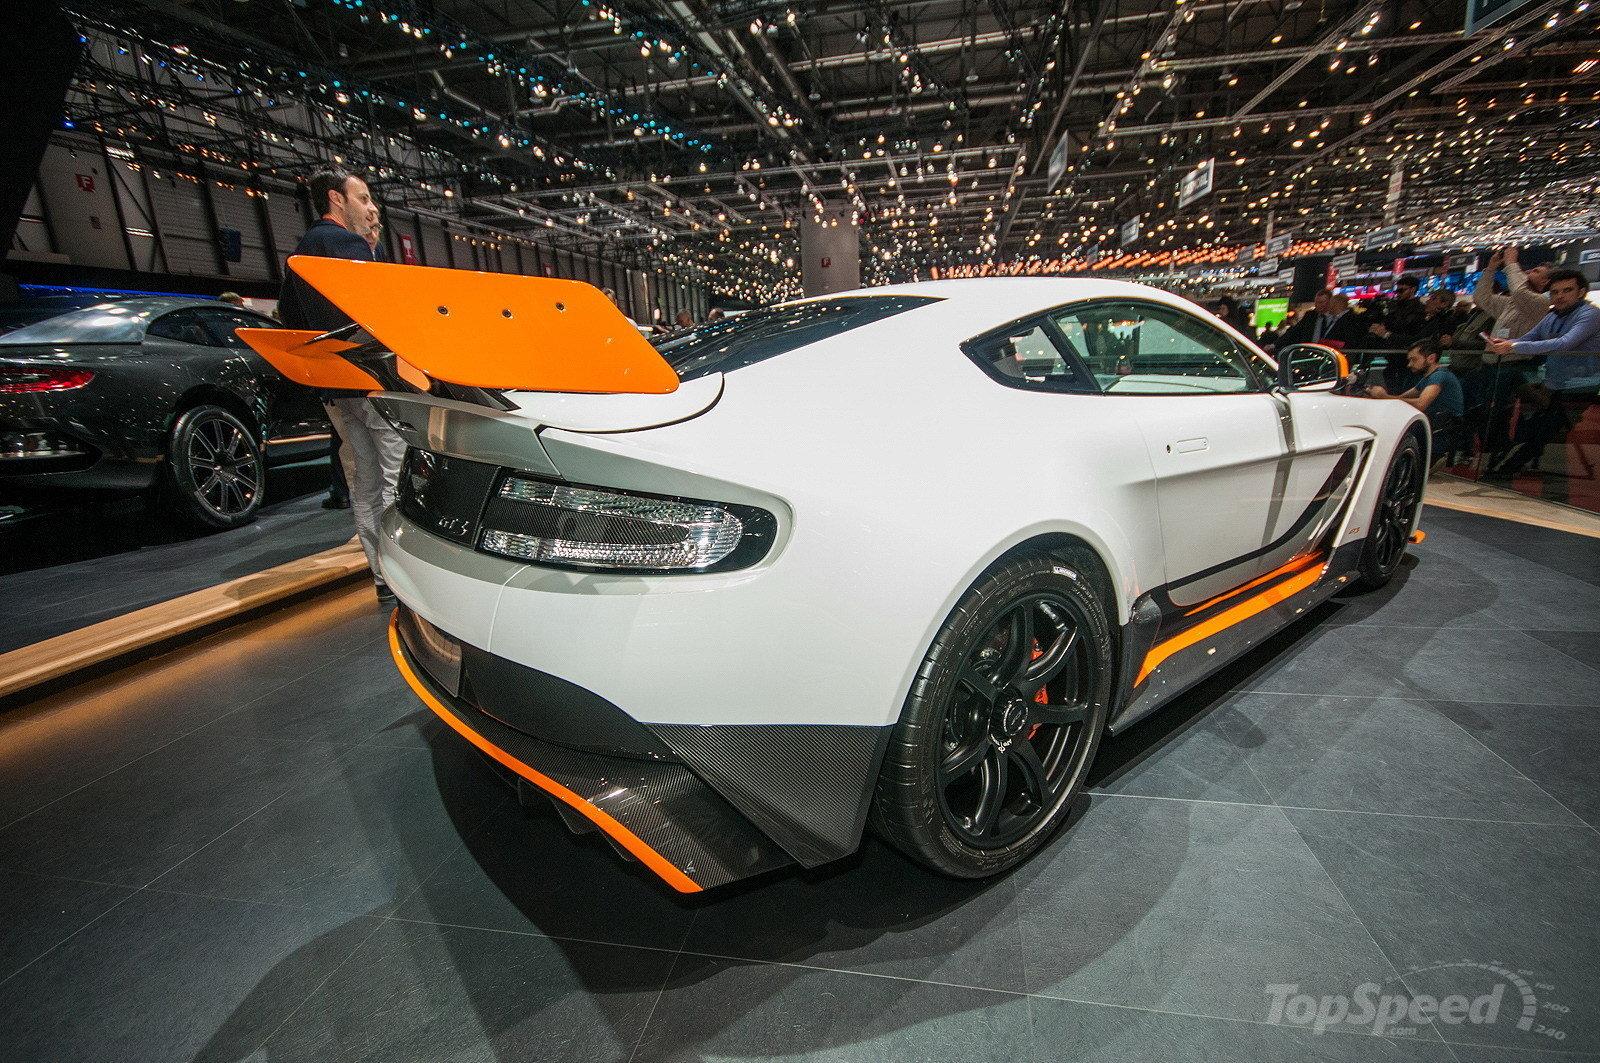 Aston Martin презентовала лимитированную версию Vantage GT8 1